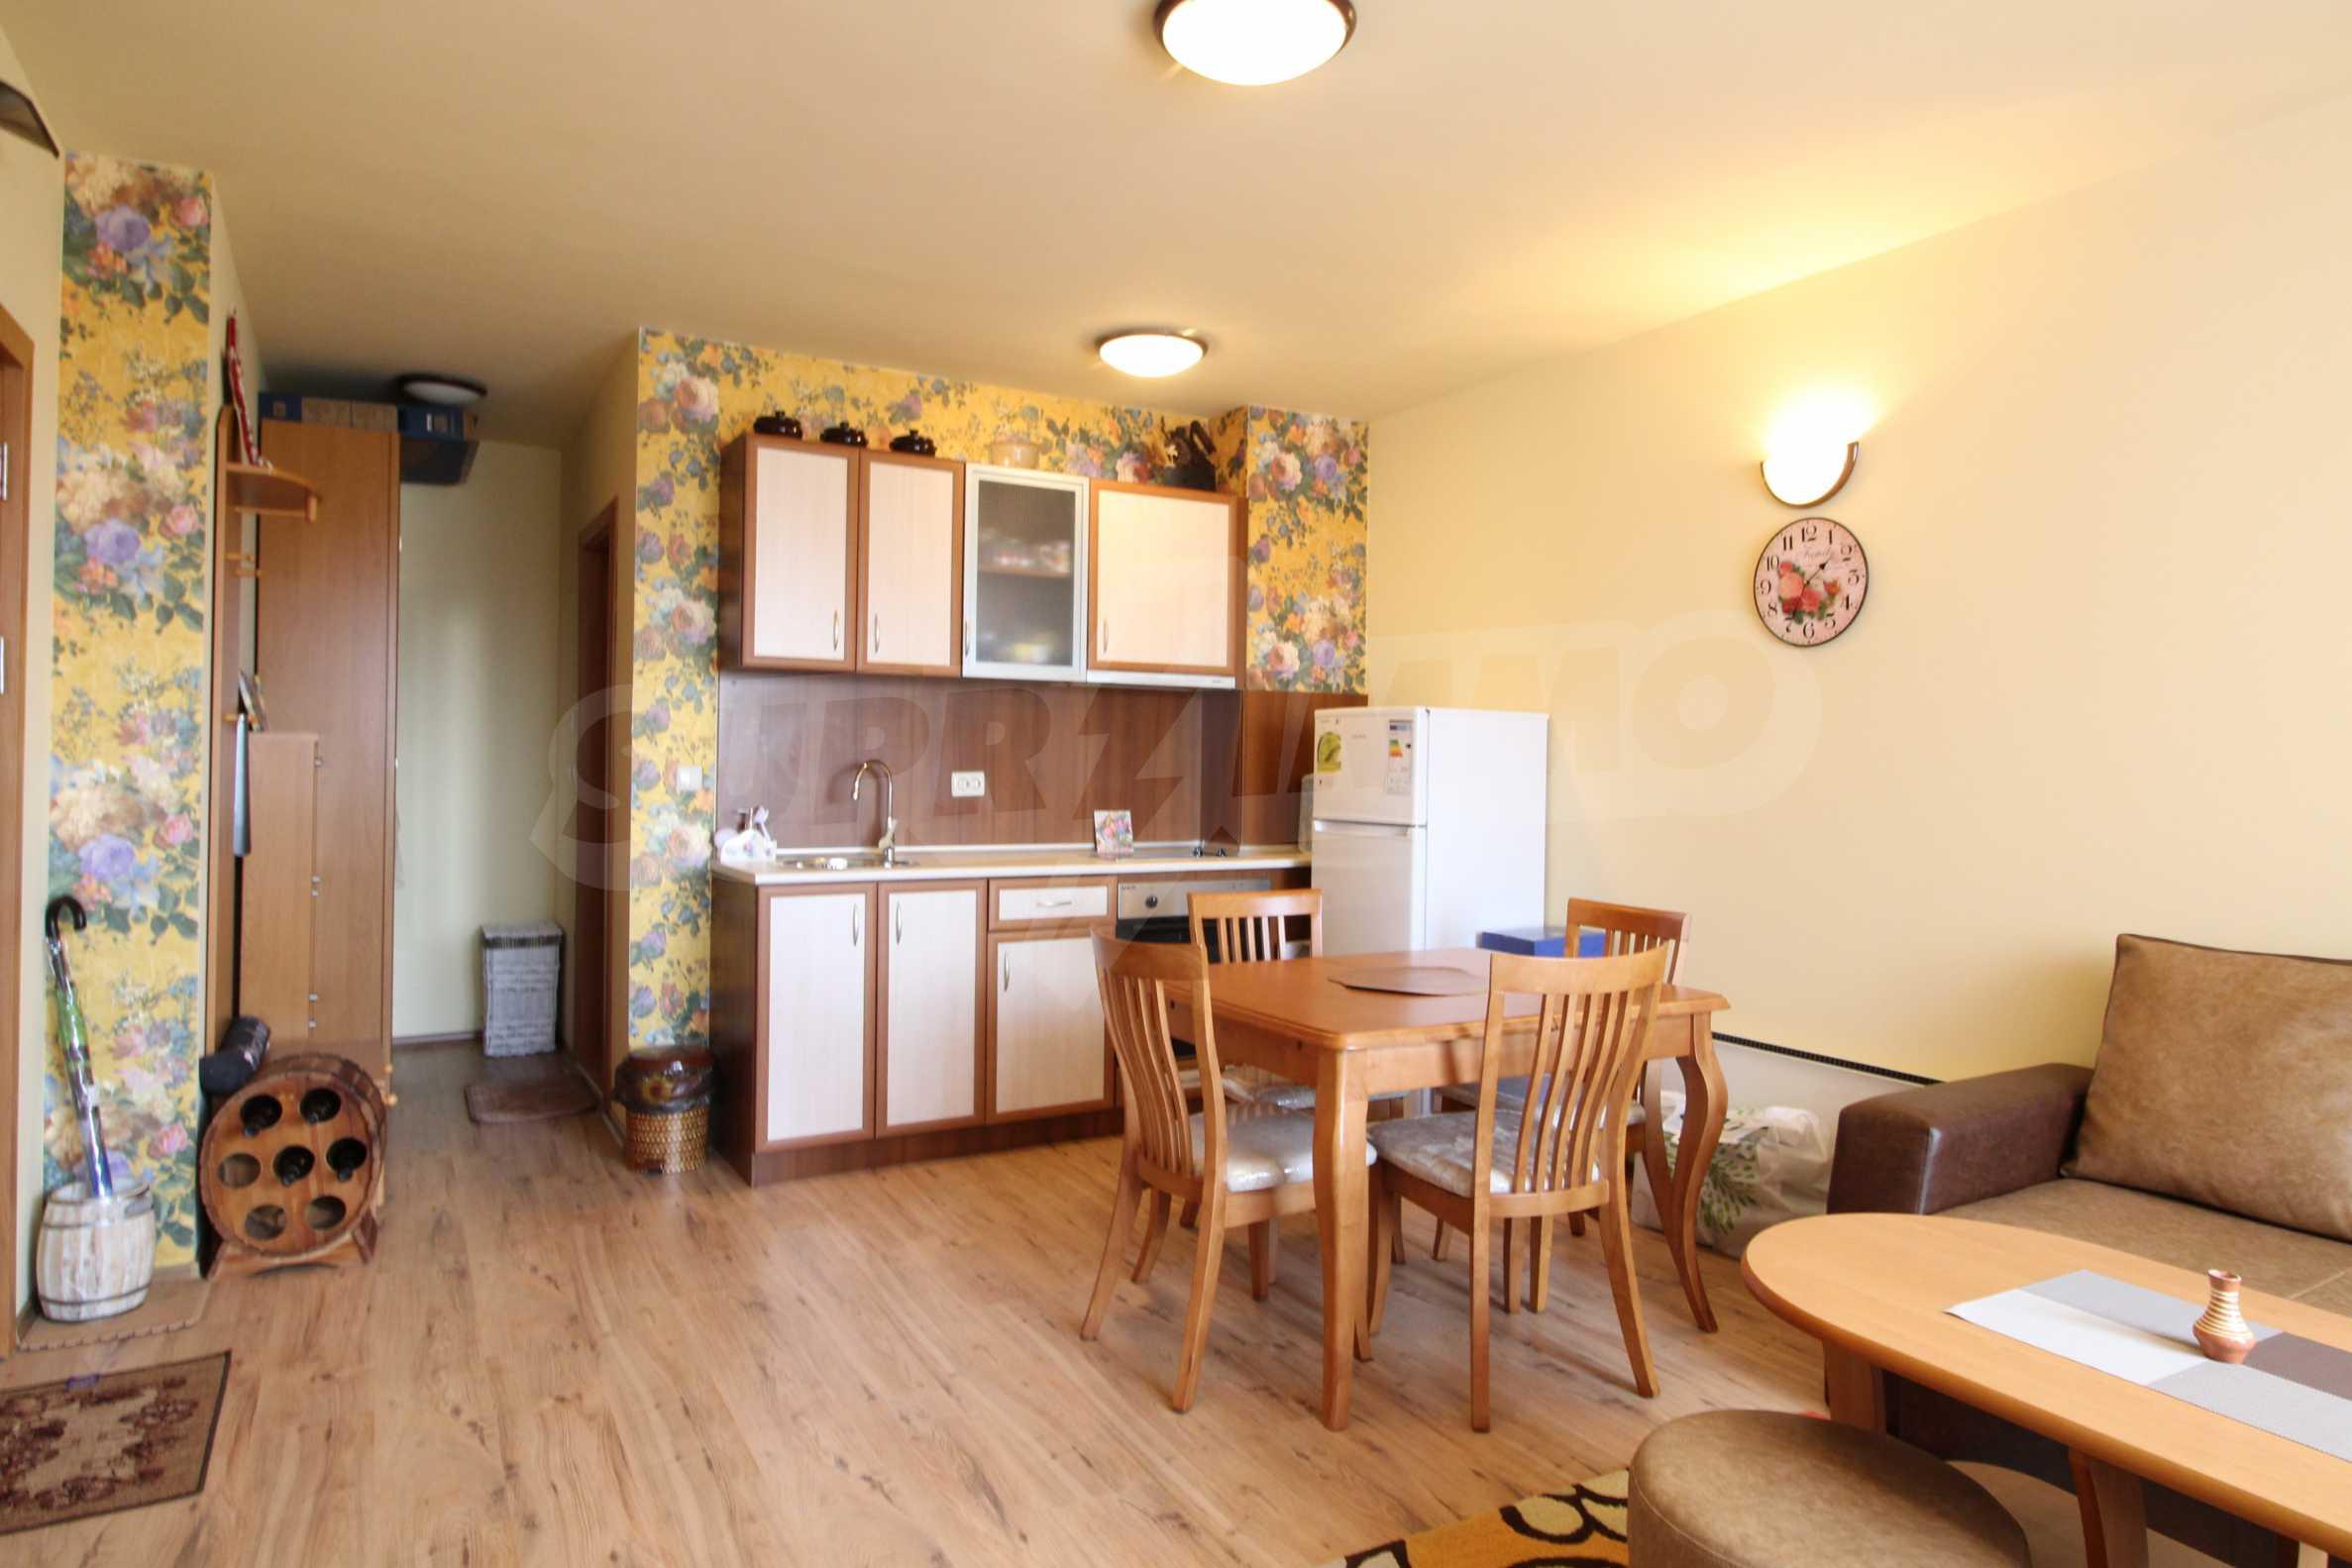 Нов едностаен апартамент в ски курорта Банско 3